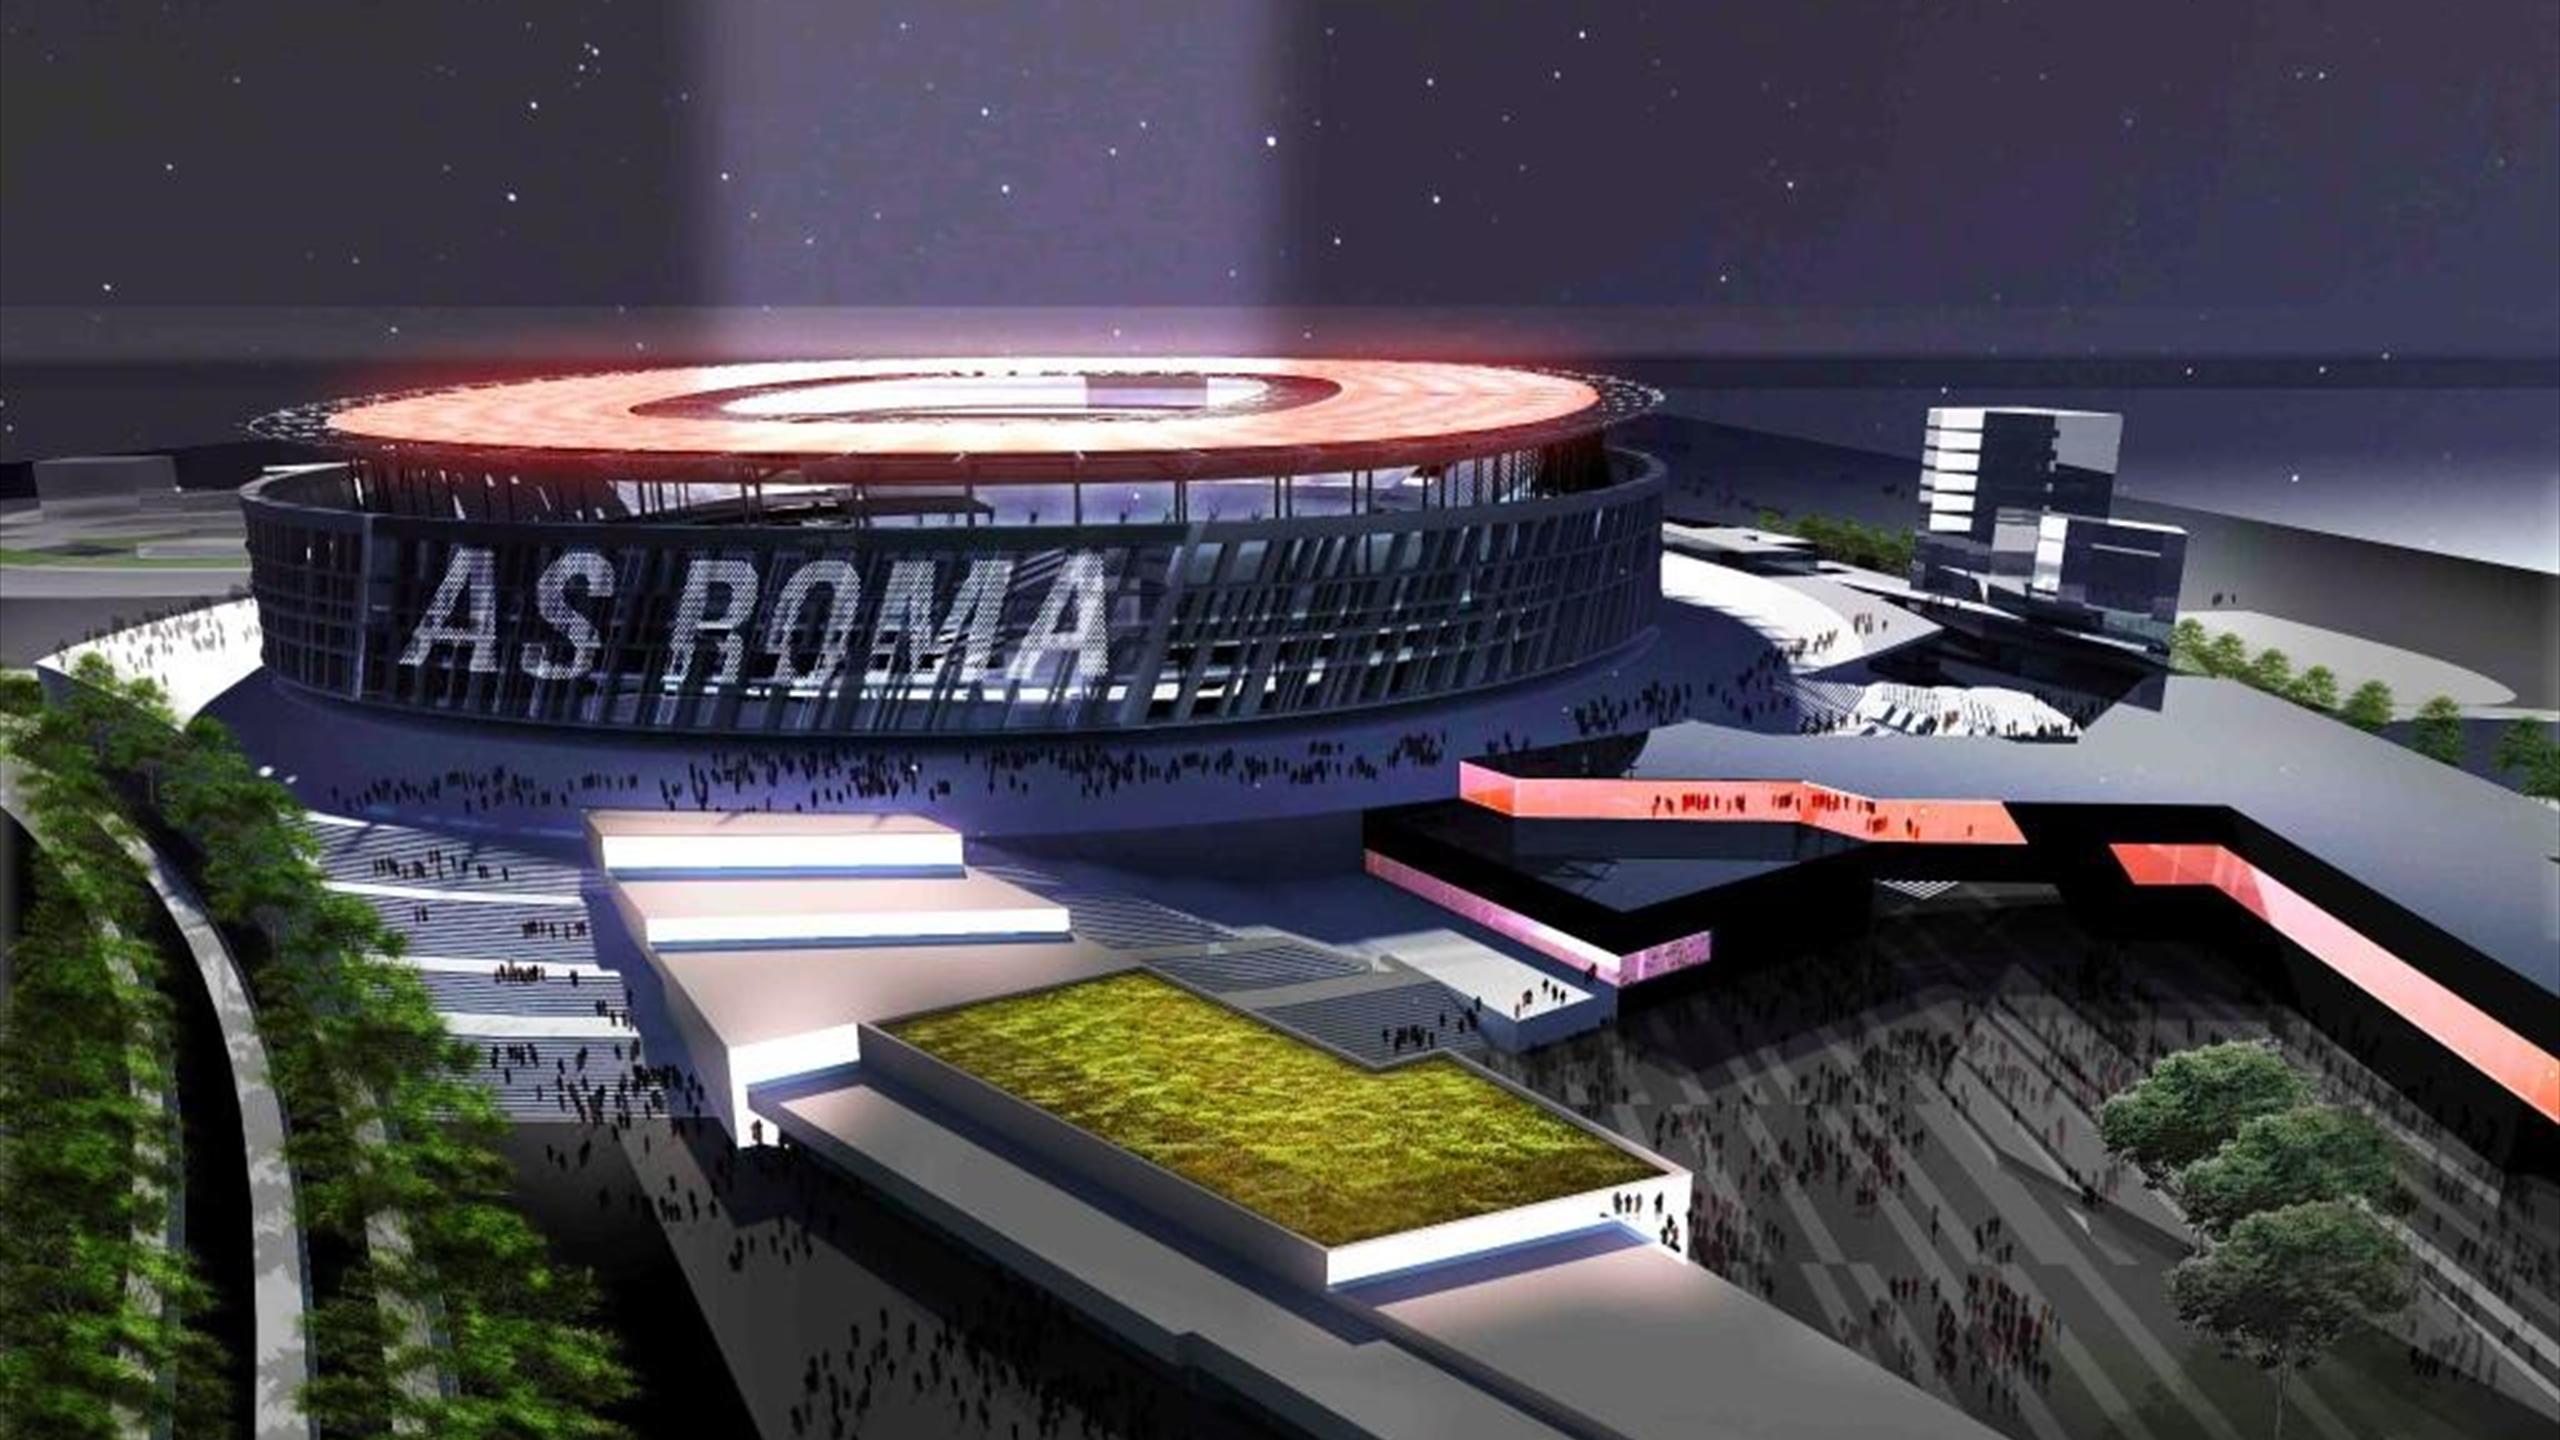 FOOTBALL MASCULIN CHAMPIONNAT D'EUROPE 2020 1308397-28161057-2560-1440